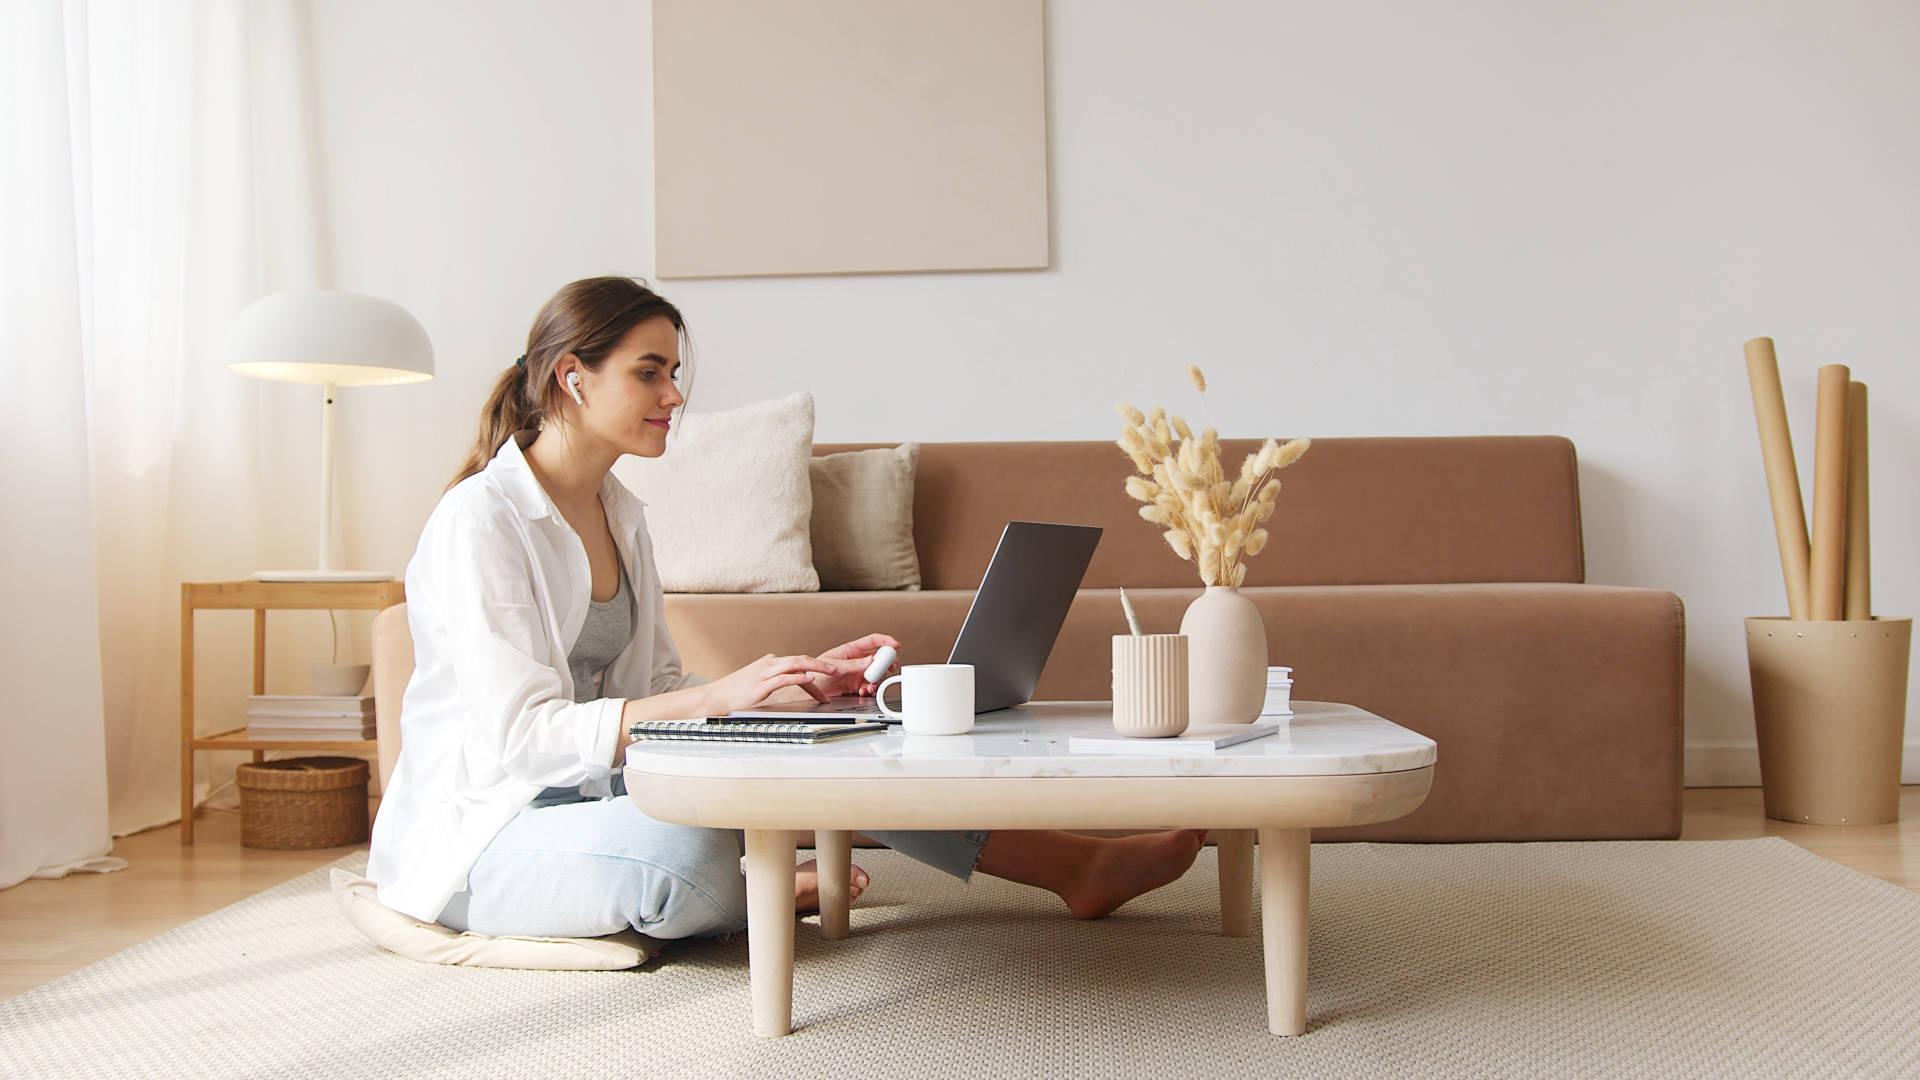 Žena sjedi za stolom i uči sa laptopa